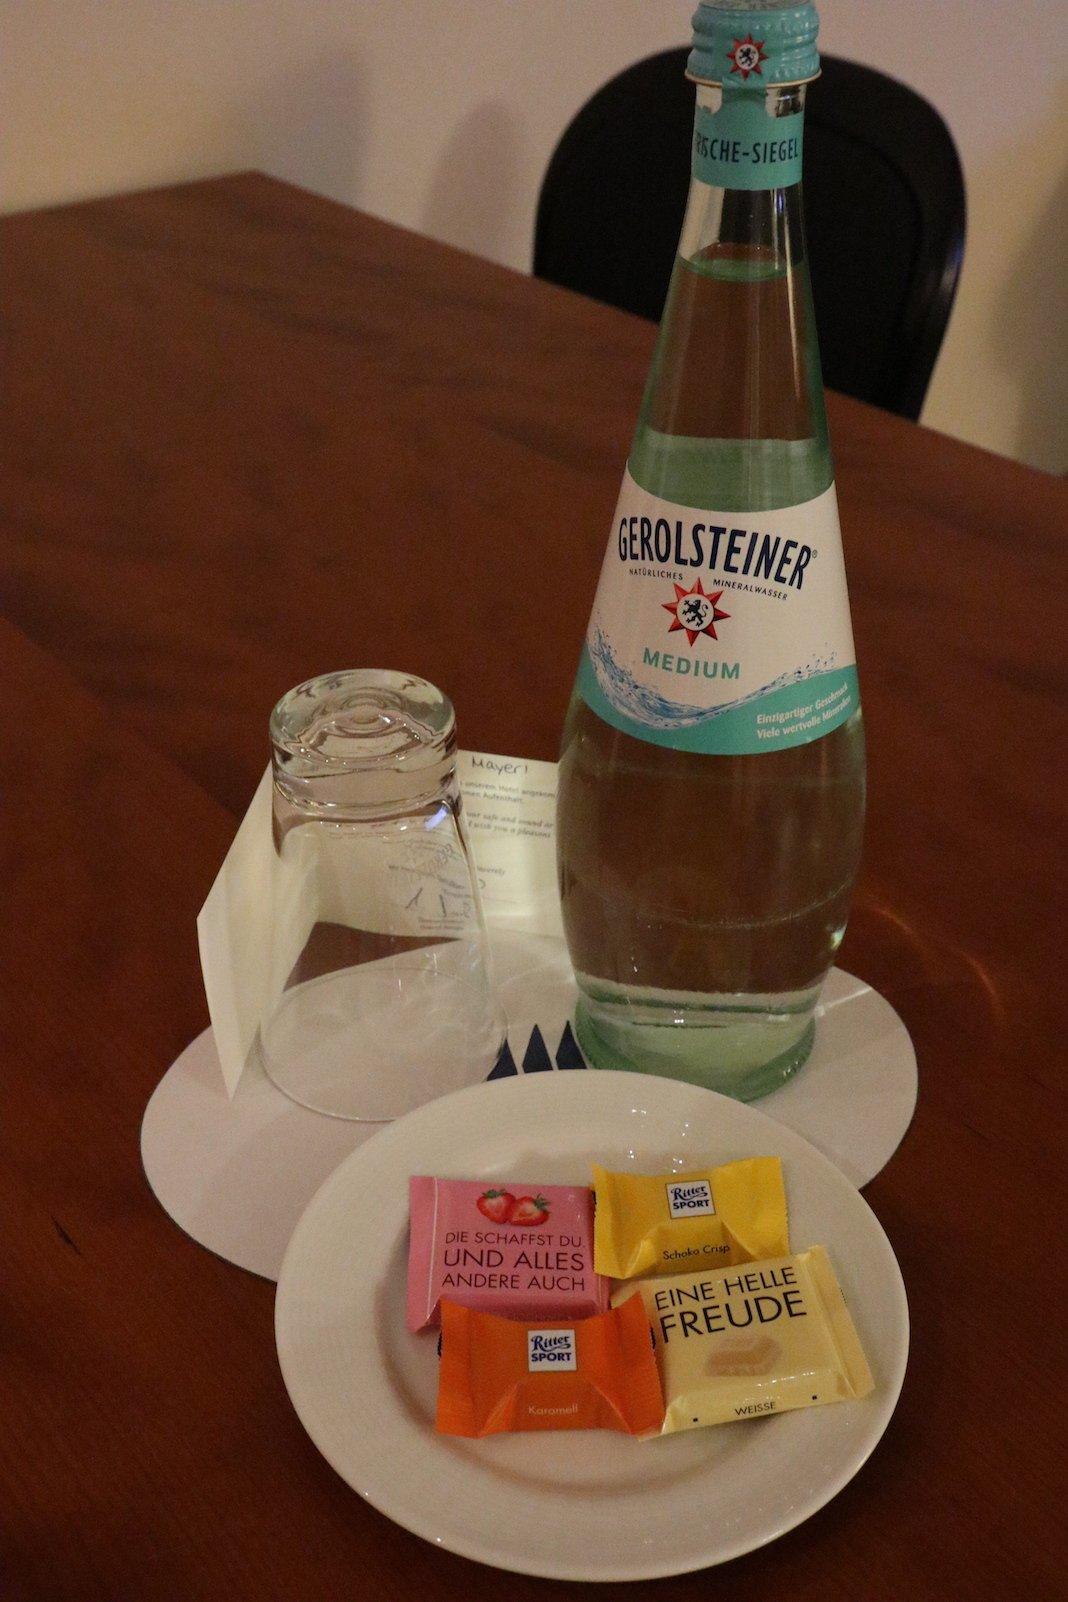 Schkolade und Mineralwasser warten auf mich auf dem Tisch